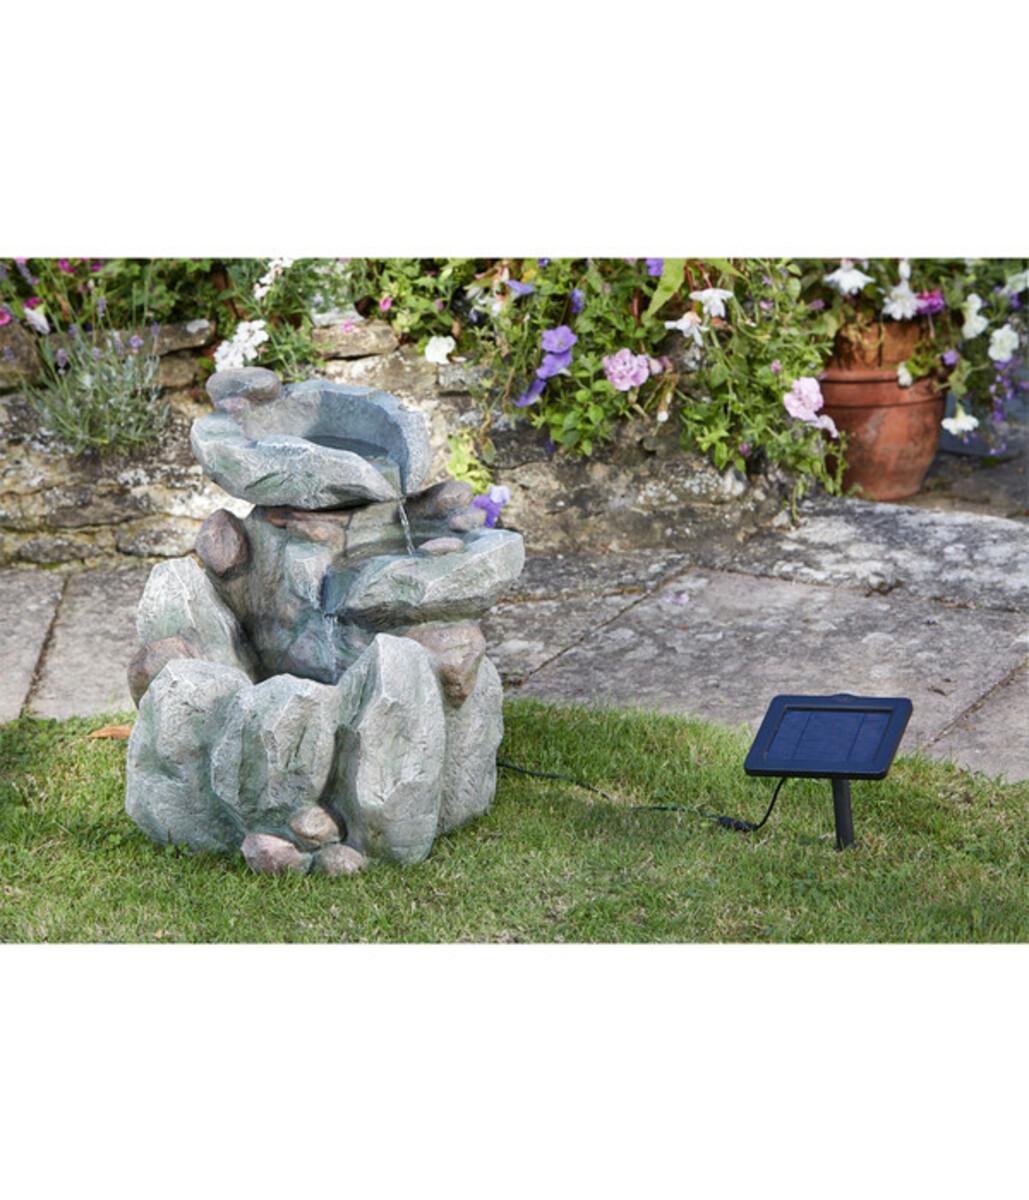 Bild 2 von Polyresin-Gartenbrunnen Felsbecken mit Solar, 51 x 54 x 51 cm